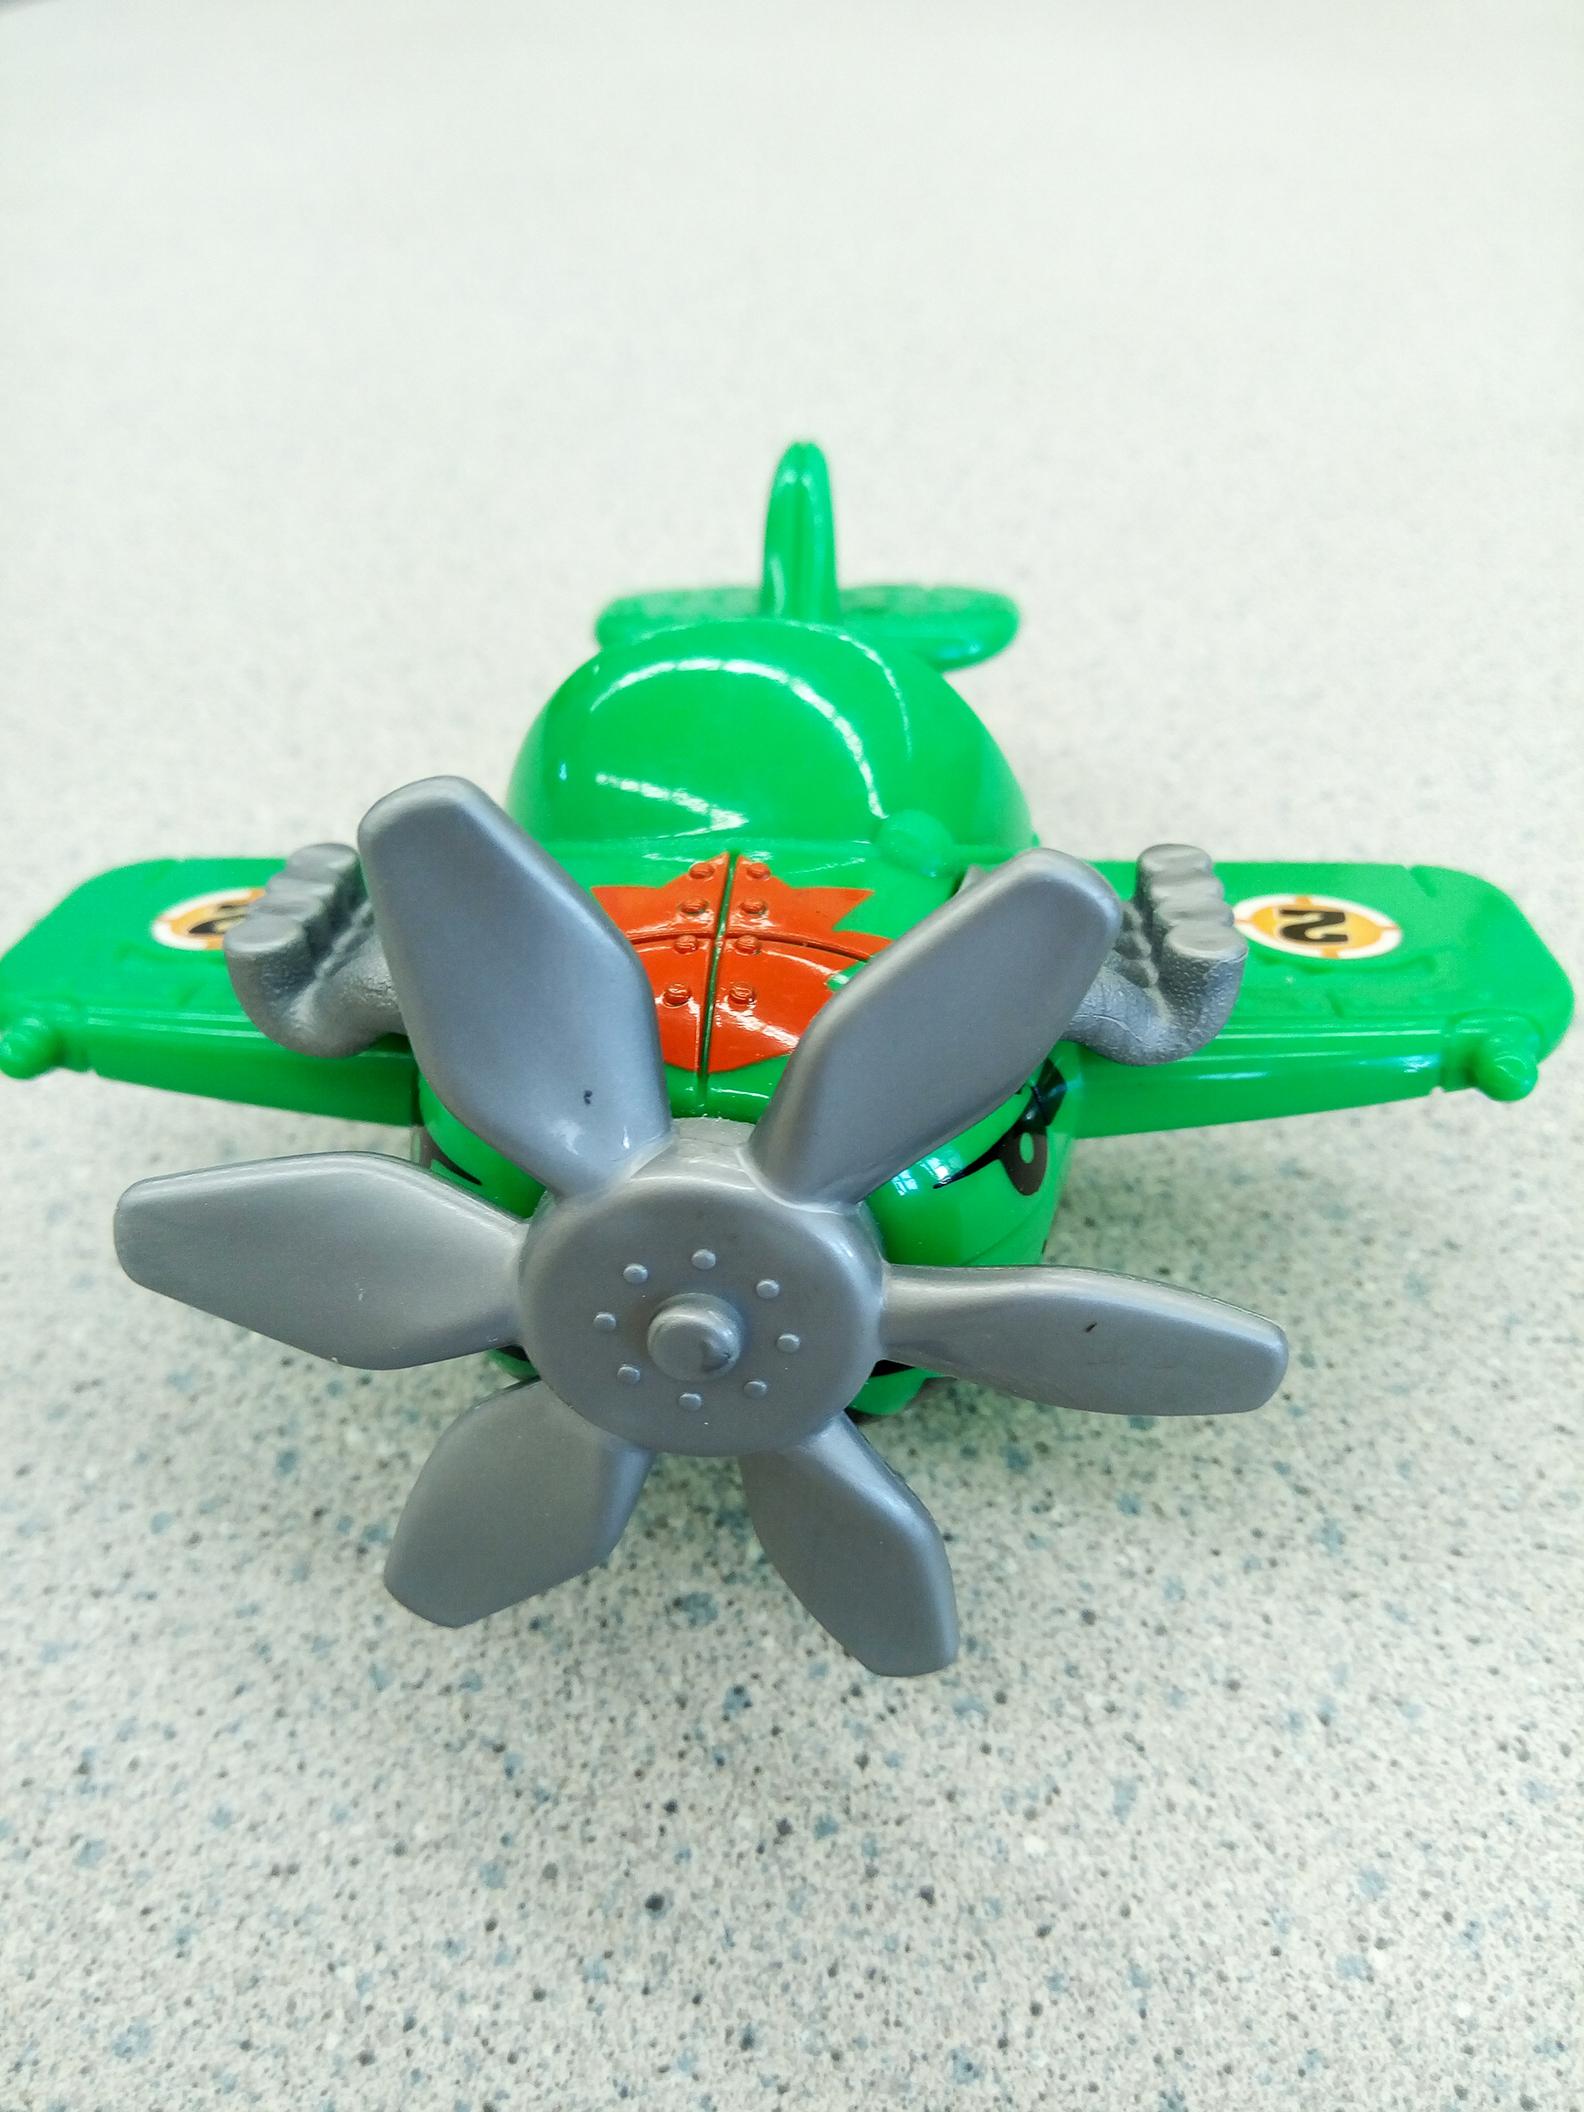 toyplane_sm.jpg